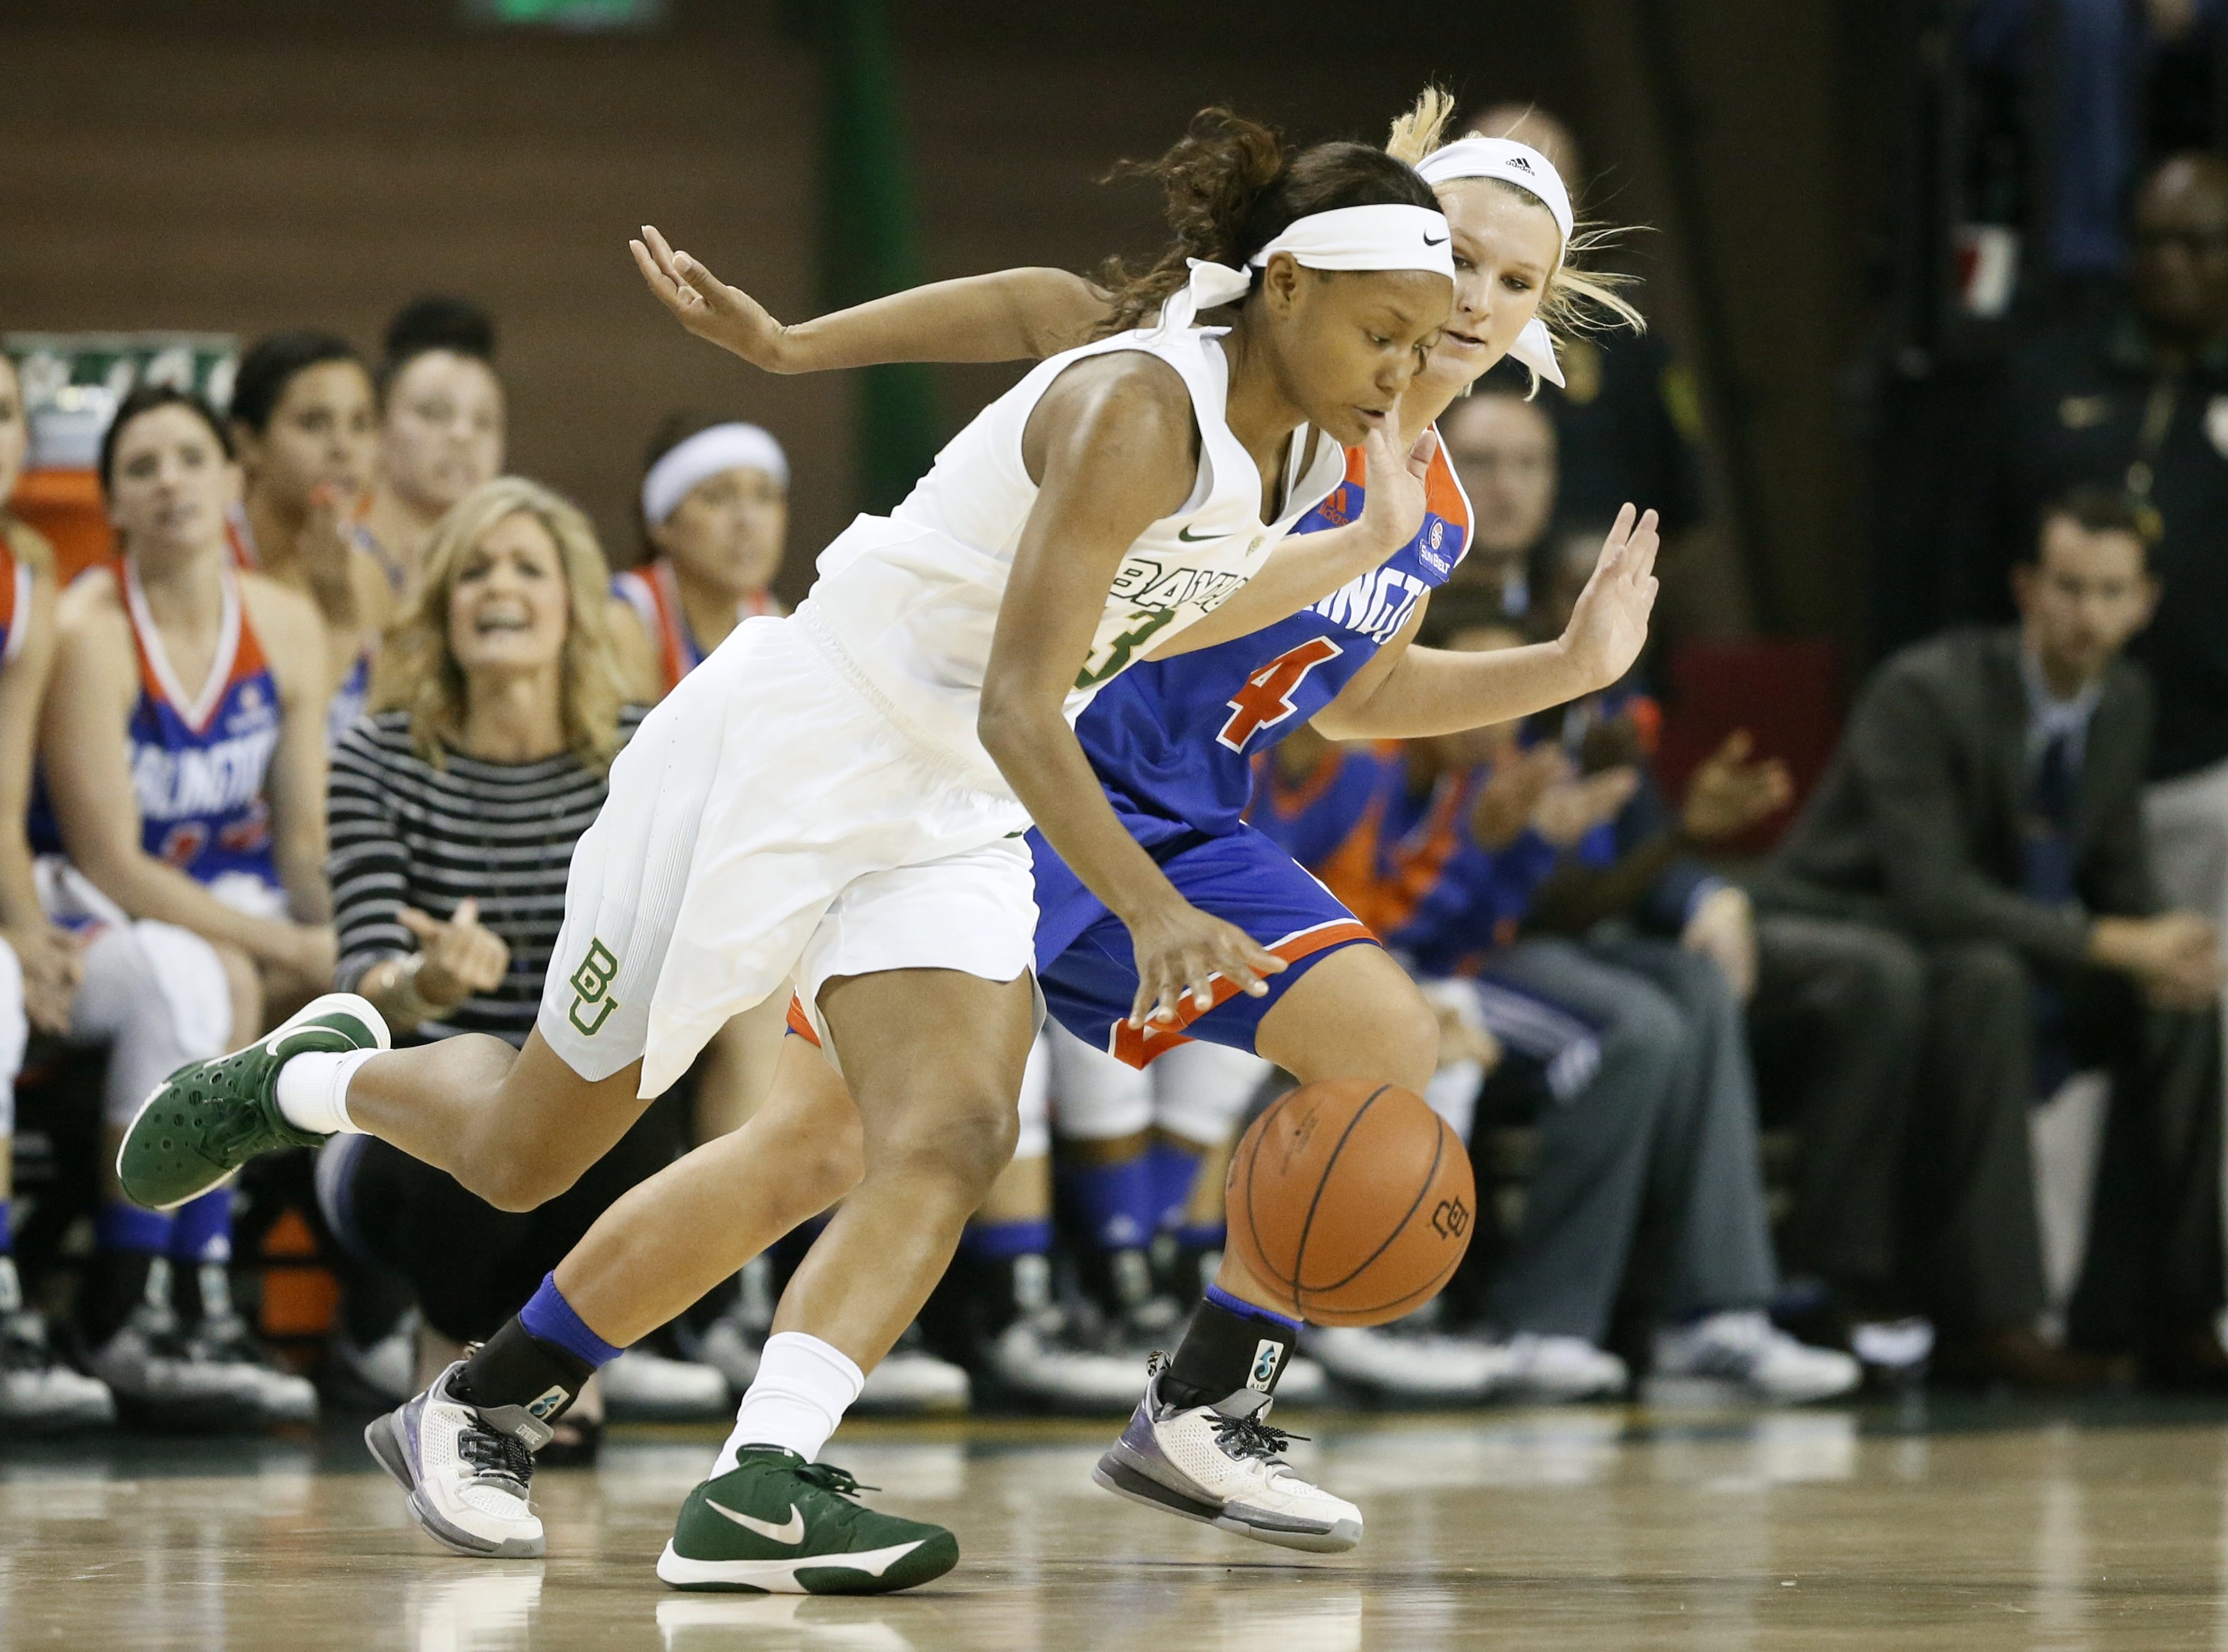 Baylor forward Nina Davis (13) moves the ball against Texas-Arlington guard Breck Clark, rear, in the first half of an NCAA college basketball game Friday, Nov. 13, 2015, in Waco, Texas. (AP Photo/Tony Gutierrez)